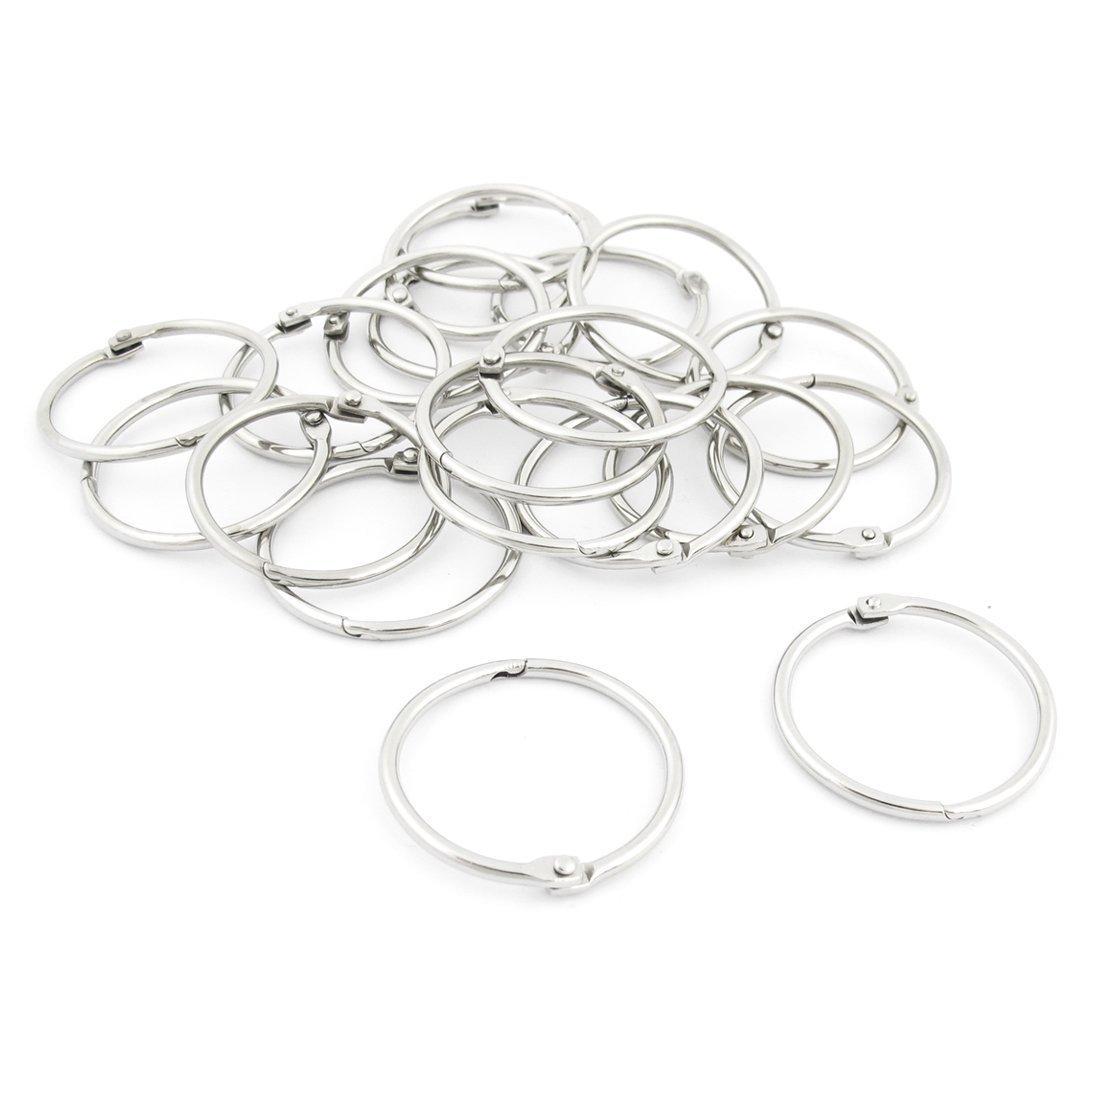 Metal Loose Leaf Binder Rings Key Rings -Copapa (2-inch)